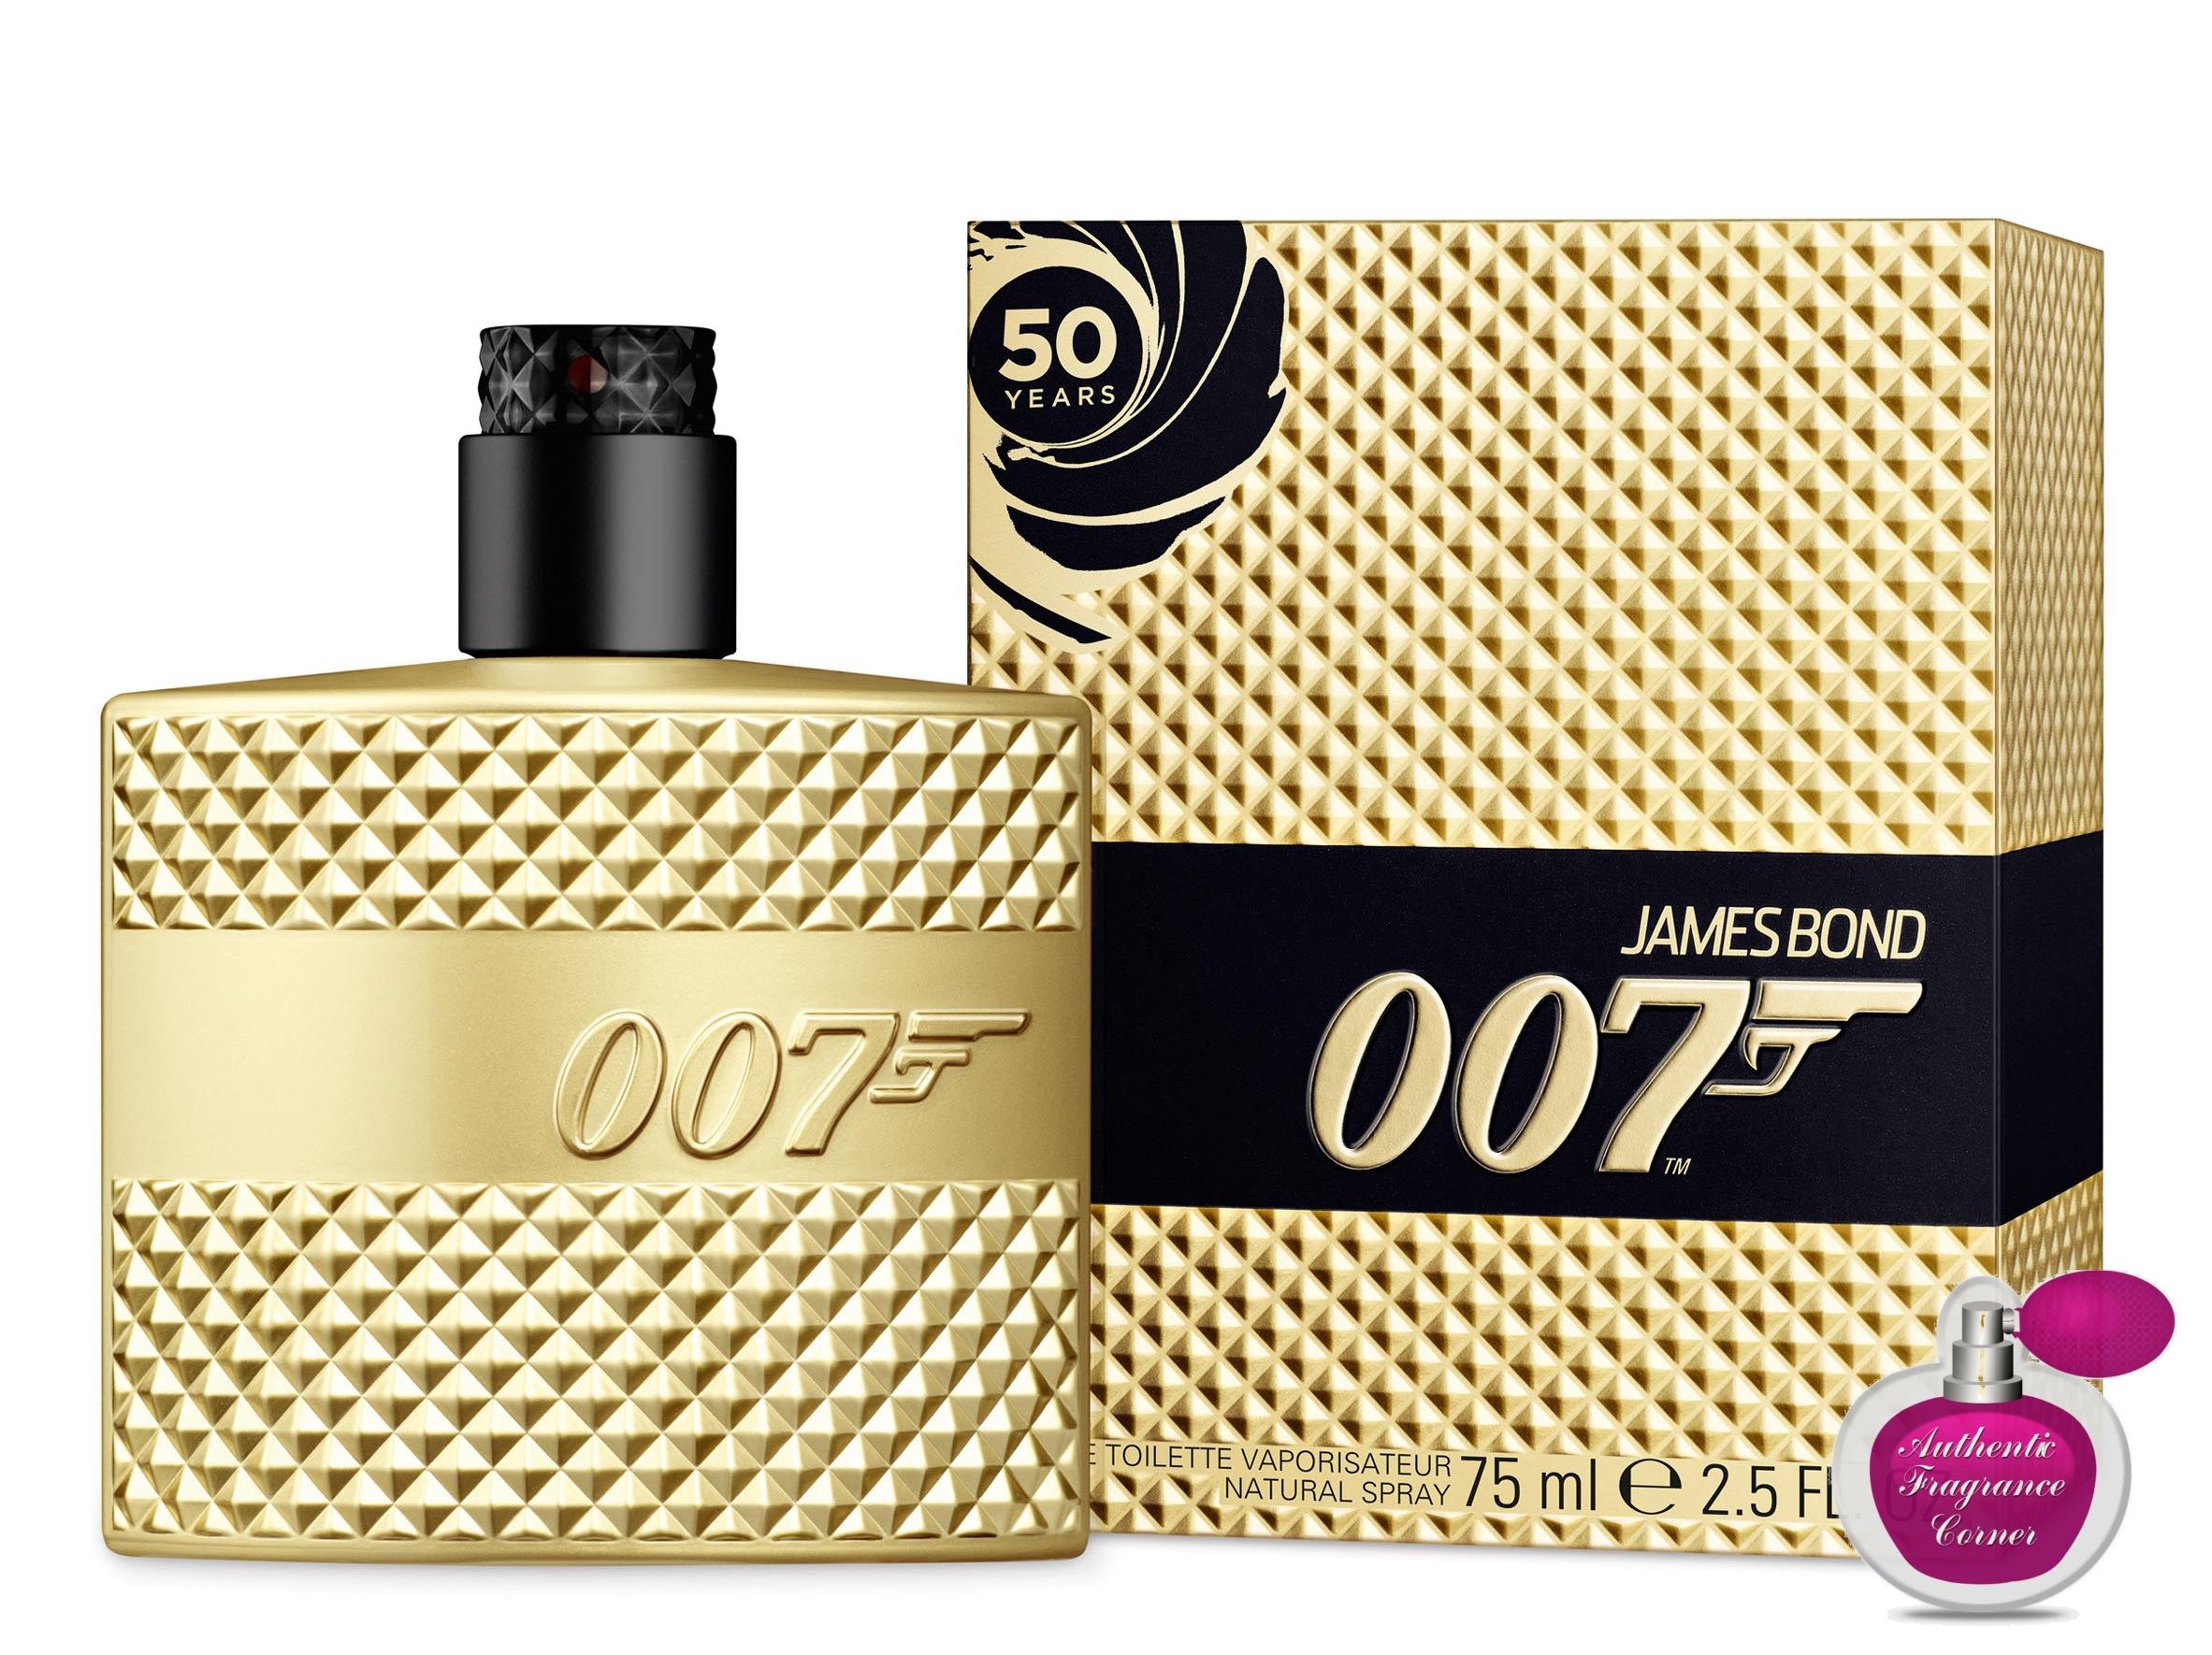 james bond 007 gold limited edition cologne 1 6 oz 50ml. Black Bedroom Furniture Sets. Home Design Ideas